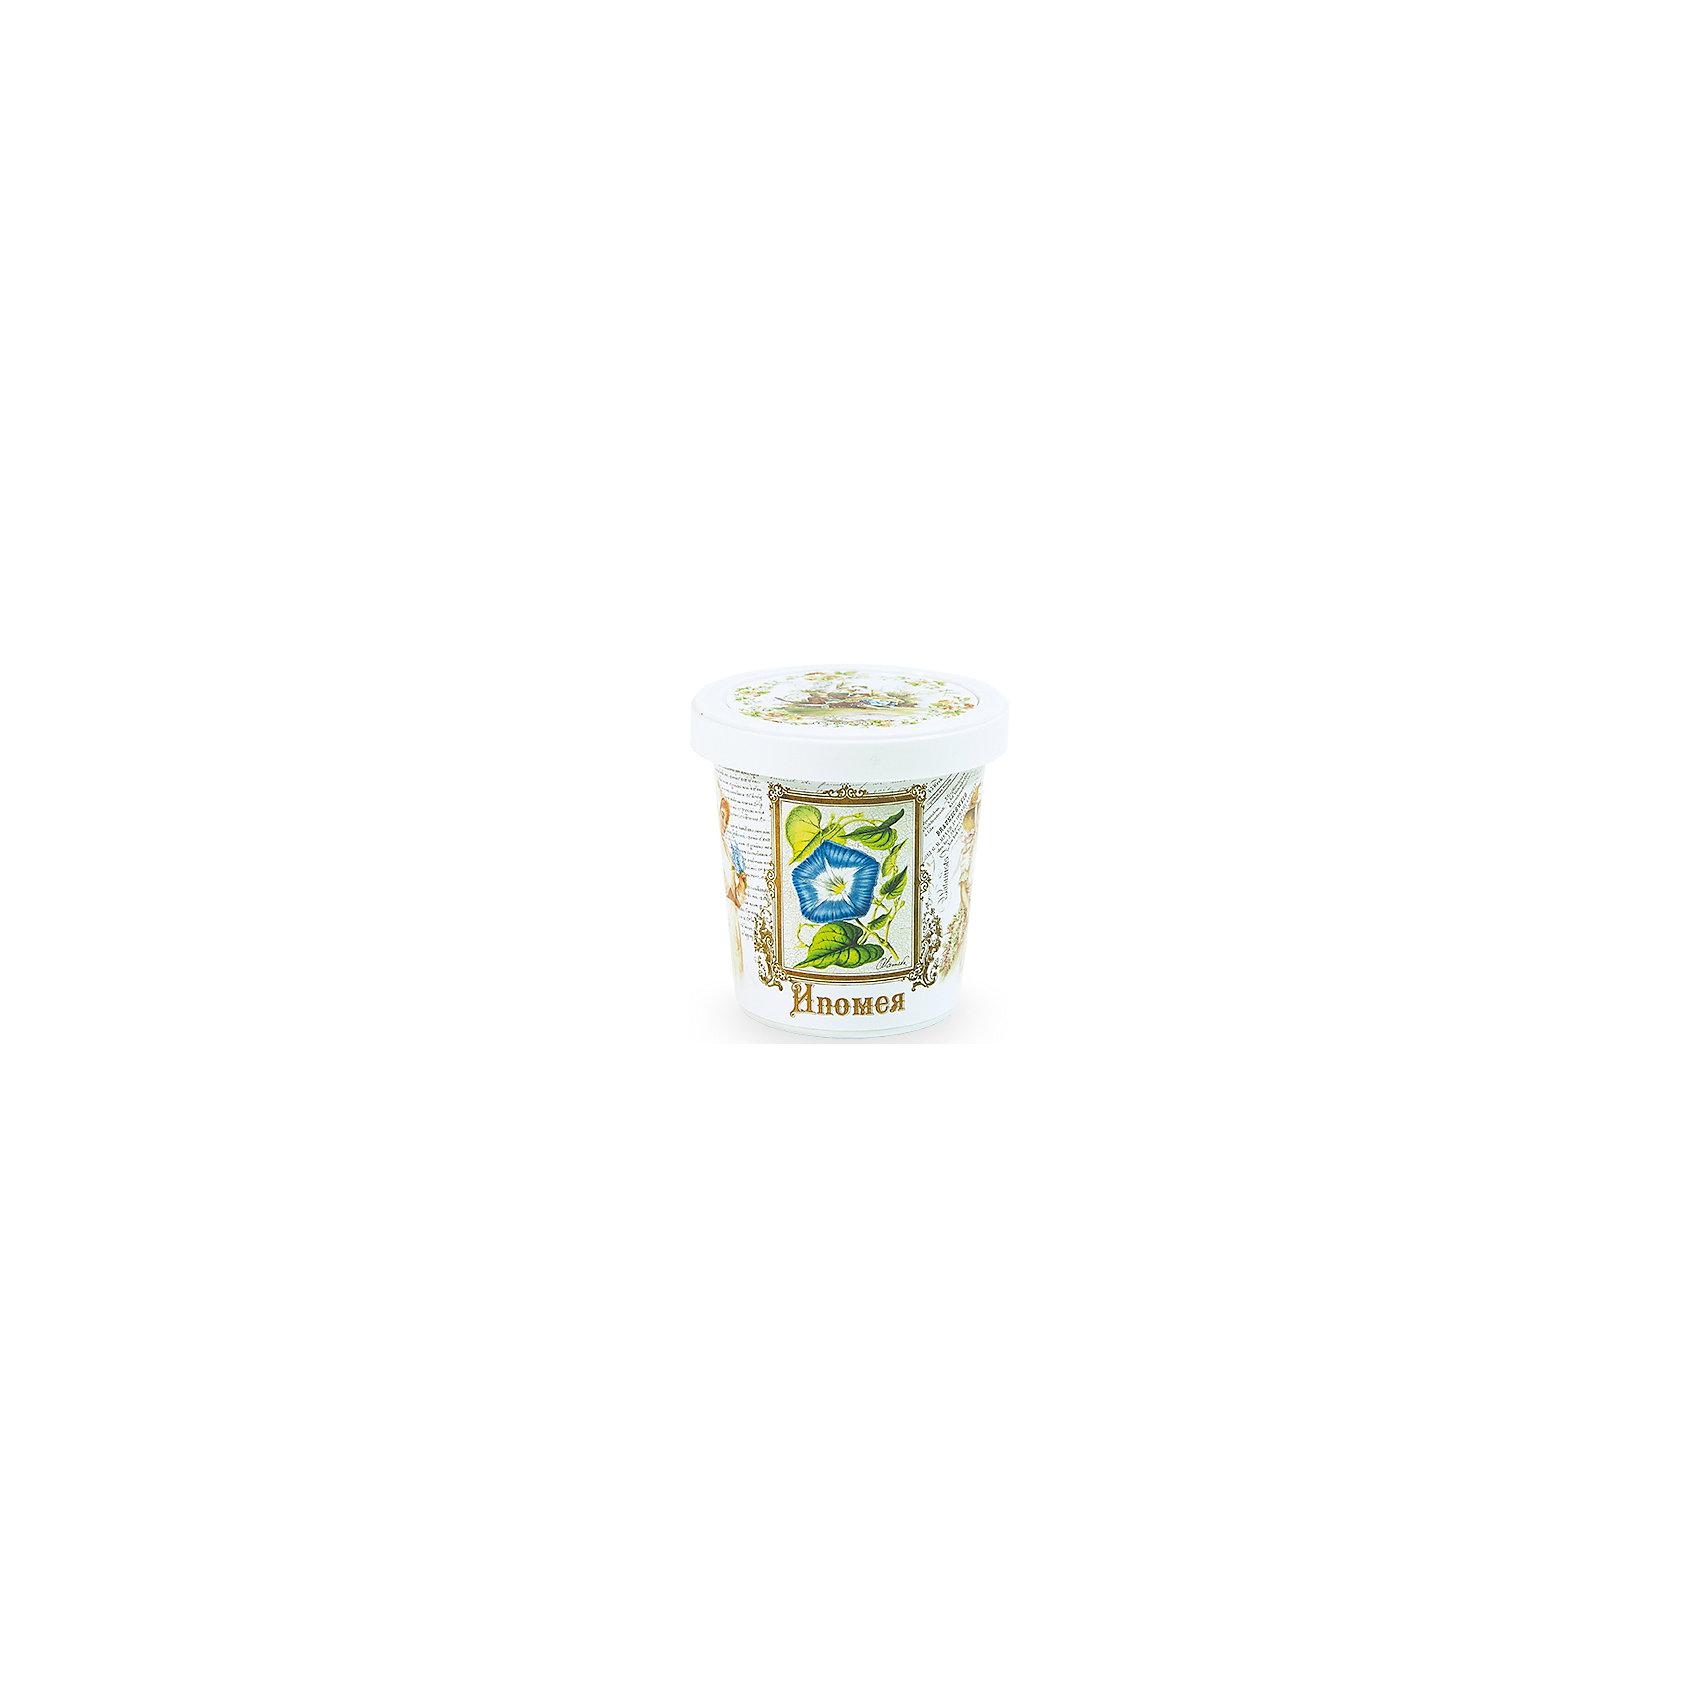 Набор для выращивания Ипомея Rostok VisaНаборы для выращивания растений<br>Ипомея, Rostok Visa.<br><br>Характеристики:<br><br>• вы сможете выращивать растения у себя дома<br>• экологически чистая продукция<br>• не содержит химикаты<br>• отличная всхожесть<br>• приятный дизайн<br>• в комплекте: горшочек, пакет с семенами, грунт, инструкция<br>• размер упаковки: 7,5х7,5х12 см<br>• вес: 275 грамм<br><br>Набор Ипомея подойдет для любителей садоводства. С его помощью ребенок научится выращивать ипомею и ухаживать за ней. Прочитав инструкцию, вы узнаете как именно нужно ухаживать за растением. Процесс выращивания понравится ребенку, а взрослое растение в оригинальном горшочке украсит вашу комнату!<br><br>Набор Ипомея, Rostok Visa вы можете купить в нашем интернет-магазине.<br><br>Ширина мм: 120<br>Глубина мм: 75<br>Высота мм: 75<br>Вес г: 267<br>Возраст от месяцев: 168<br>Возраст до месяцев: 240<br>Пол: Унисекс<br>Возраст: Детский<br>SKU: 5053984